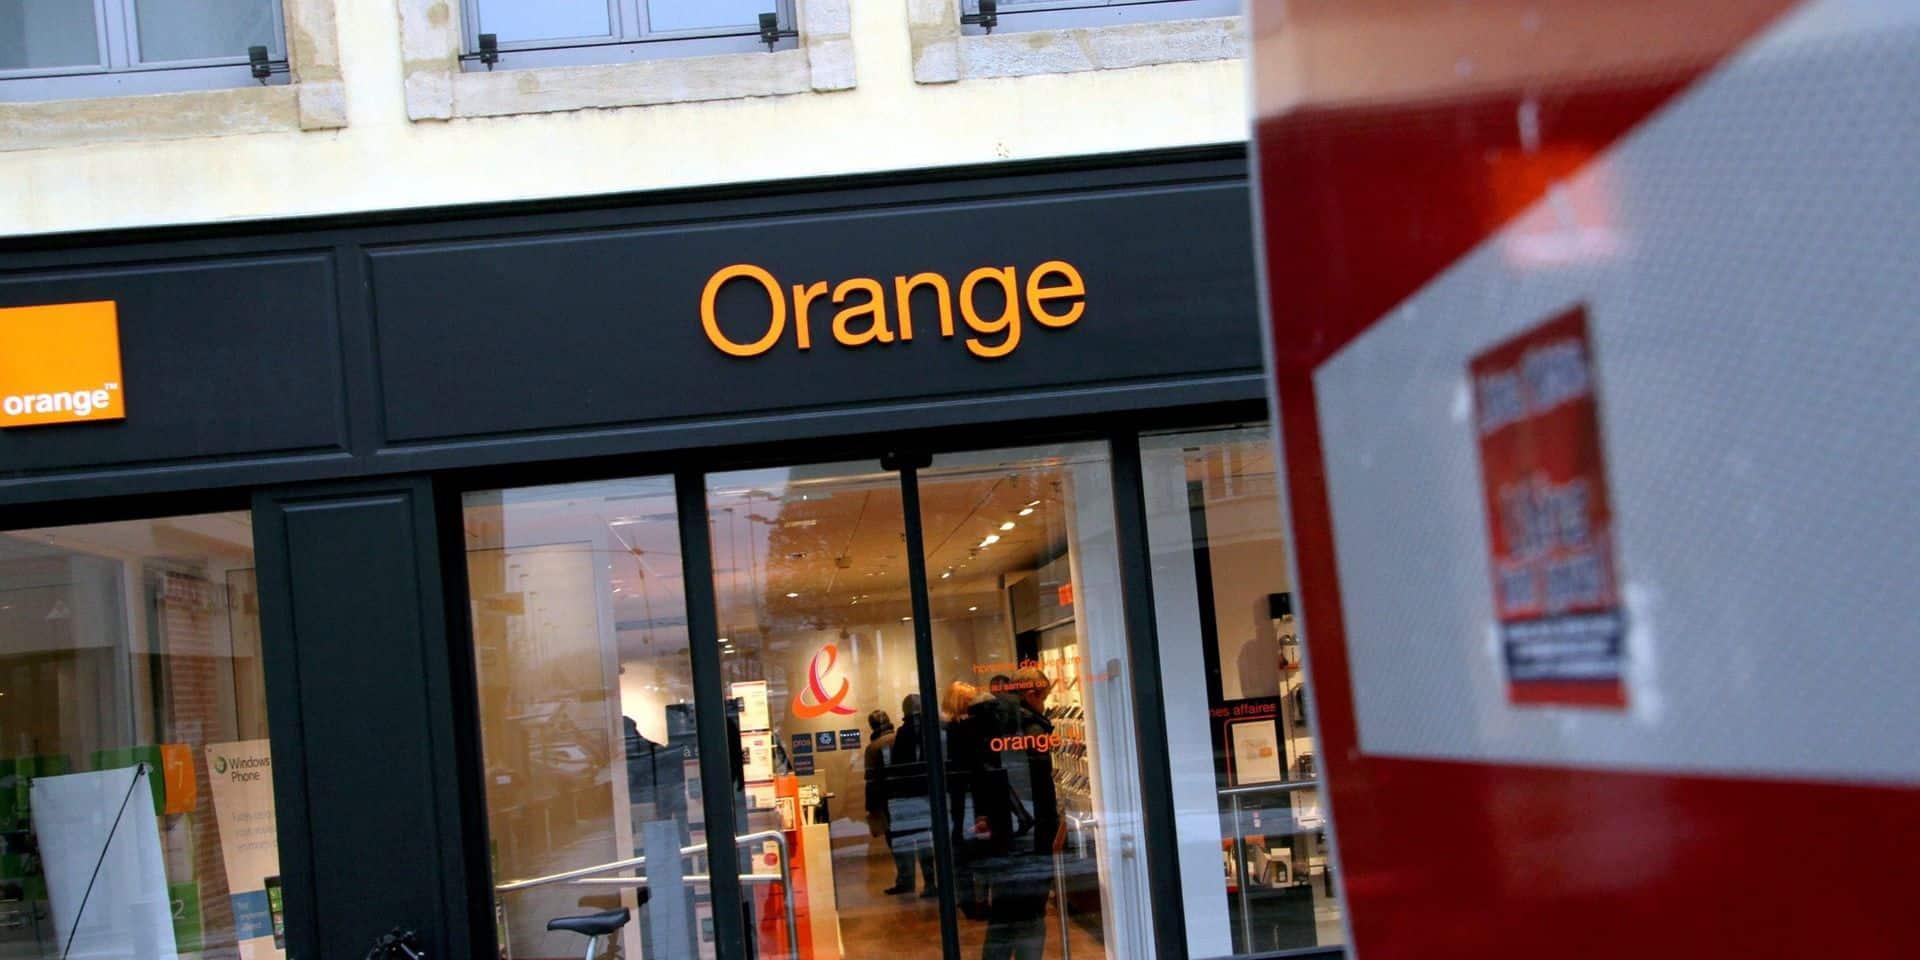 Rachat d'Orange Belgium: Polygon n'entend pas céder ses parts au prix proposé par Orange, tensions en vue ?